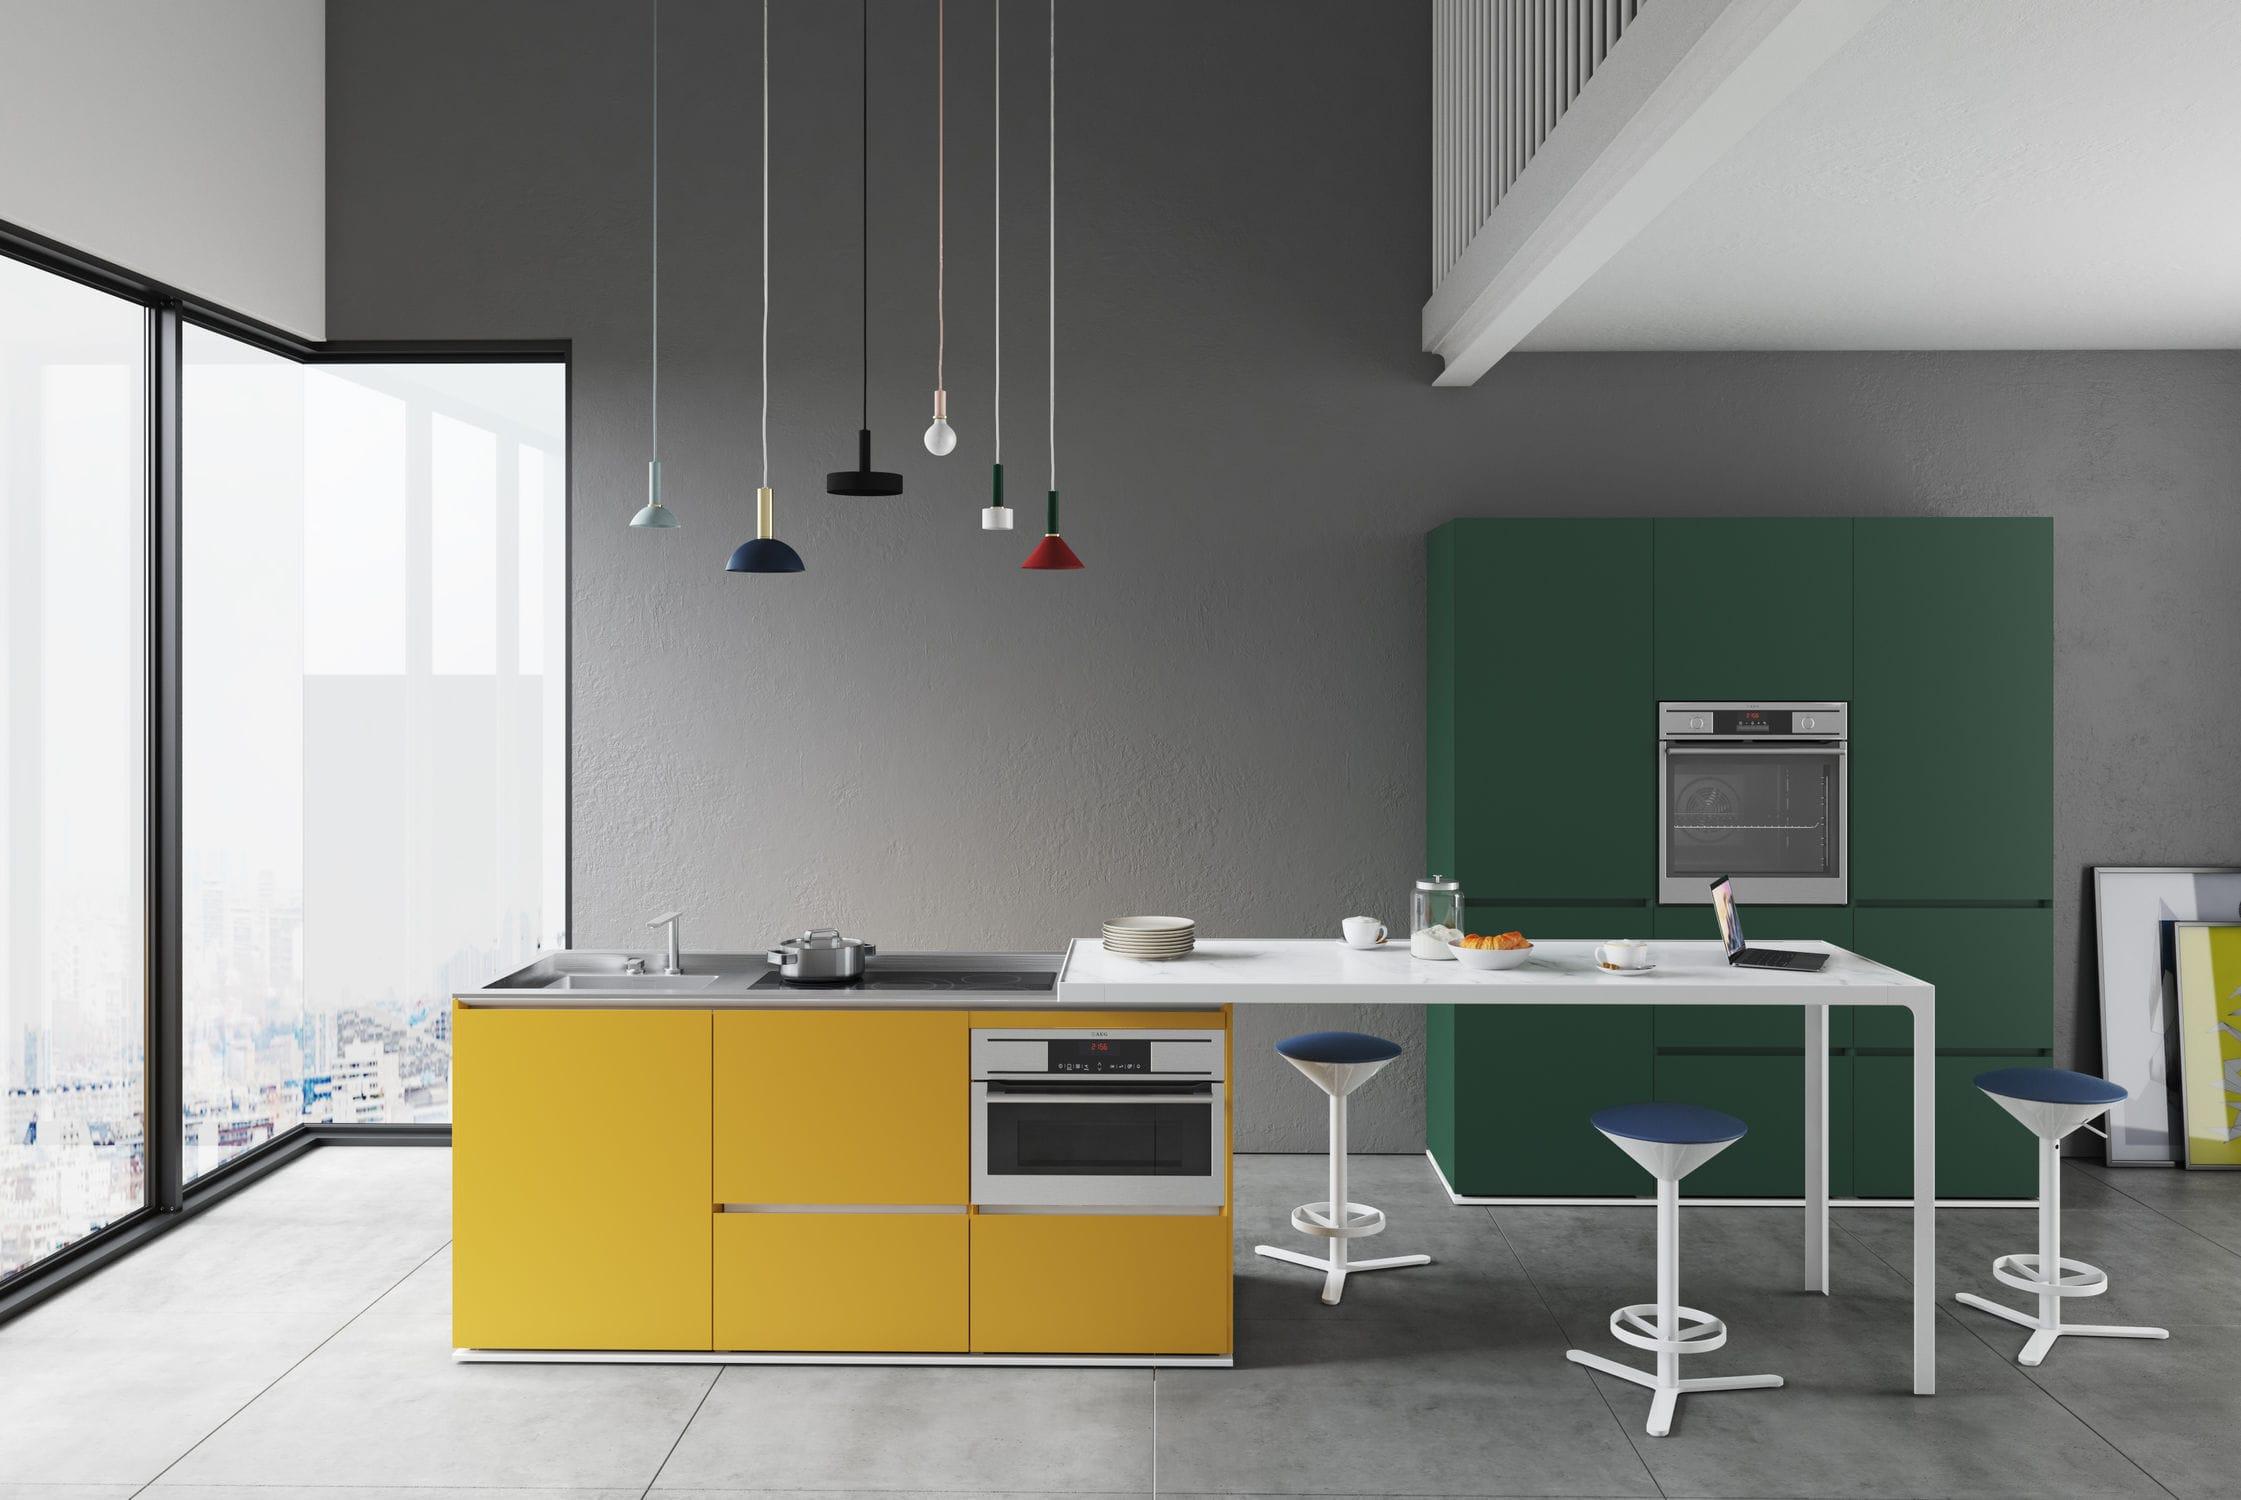 Bancone da cucina / in legno laccato / in metallo / dritto ...